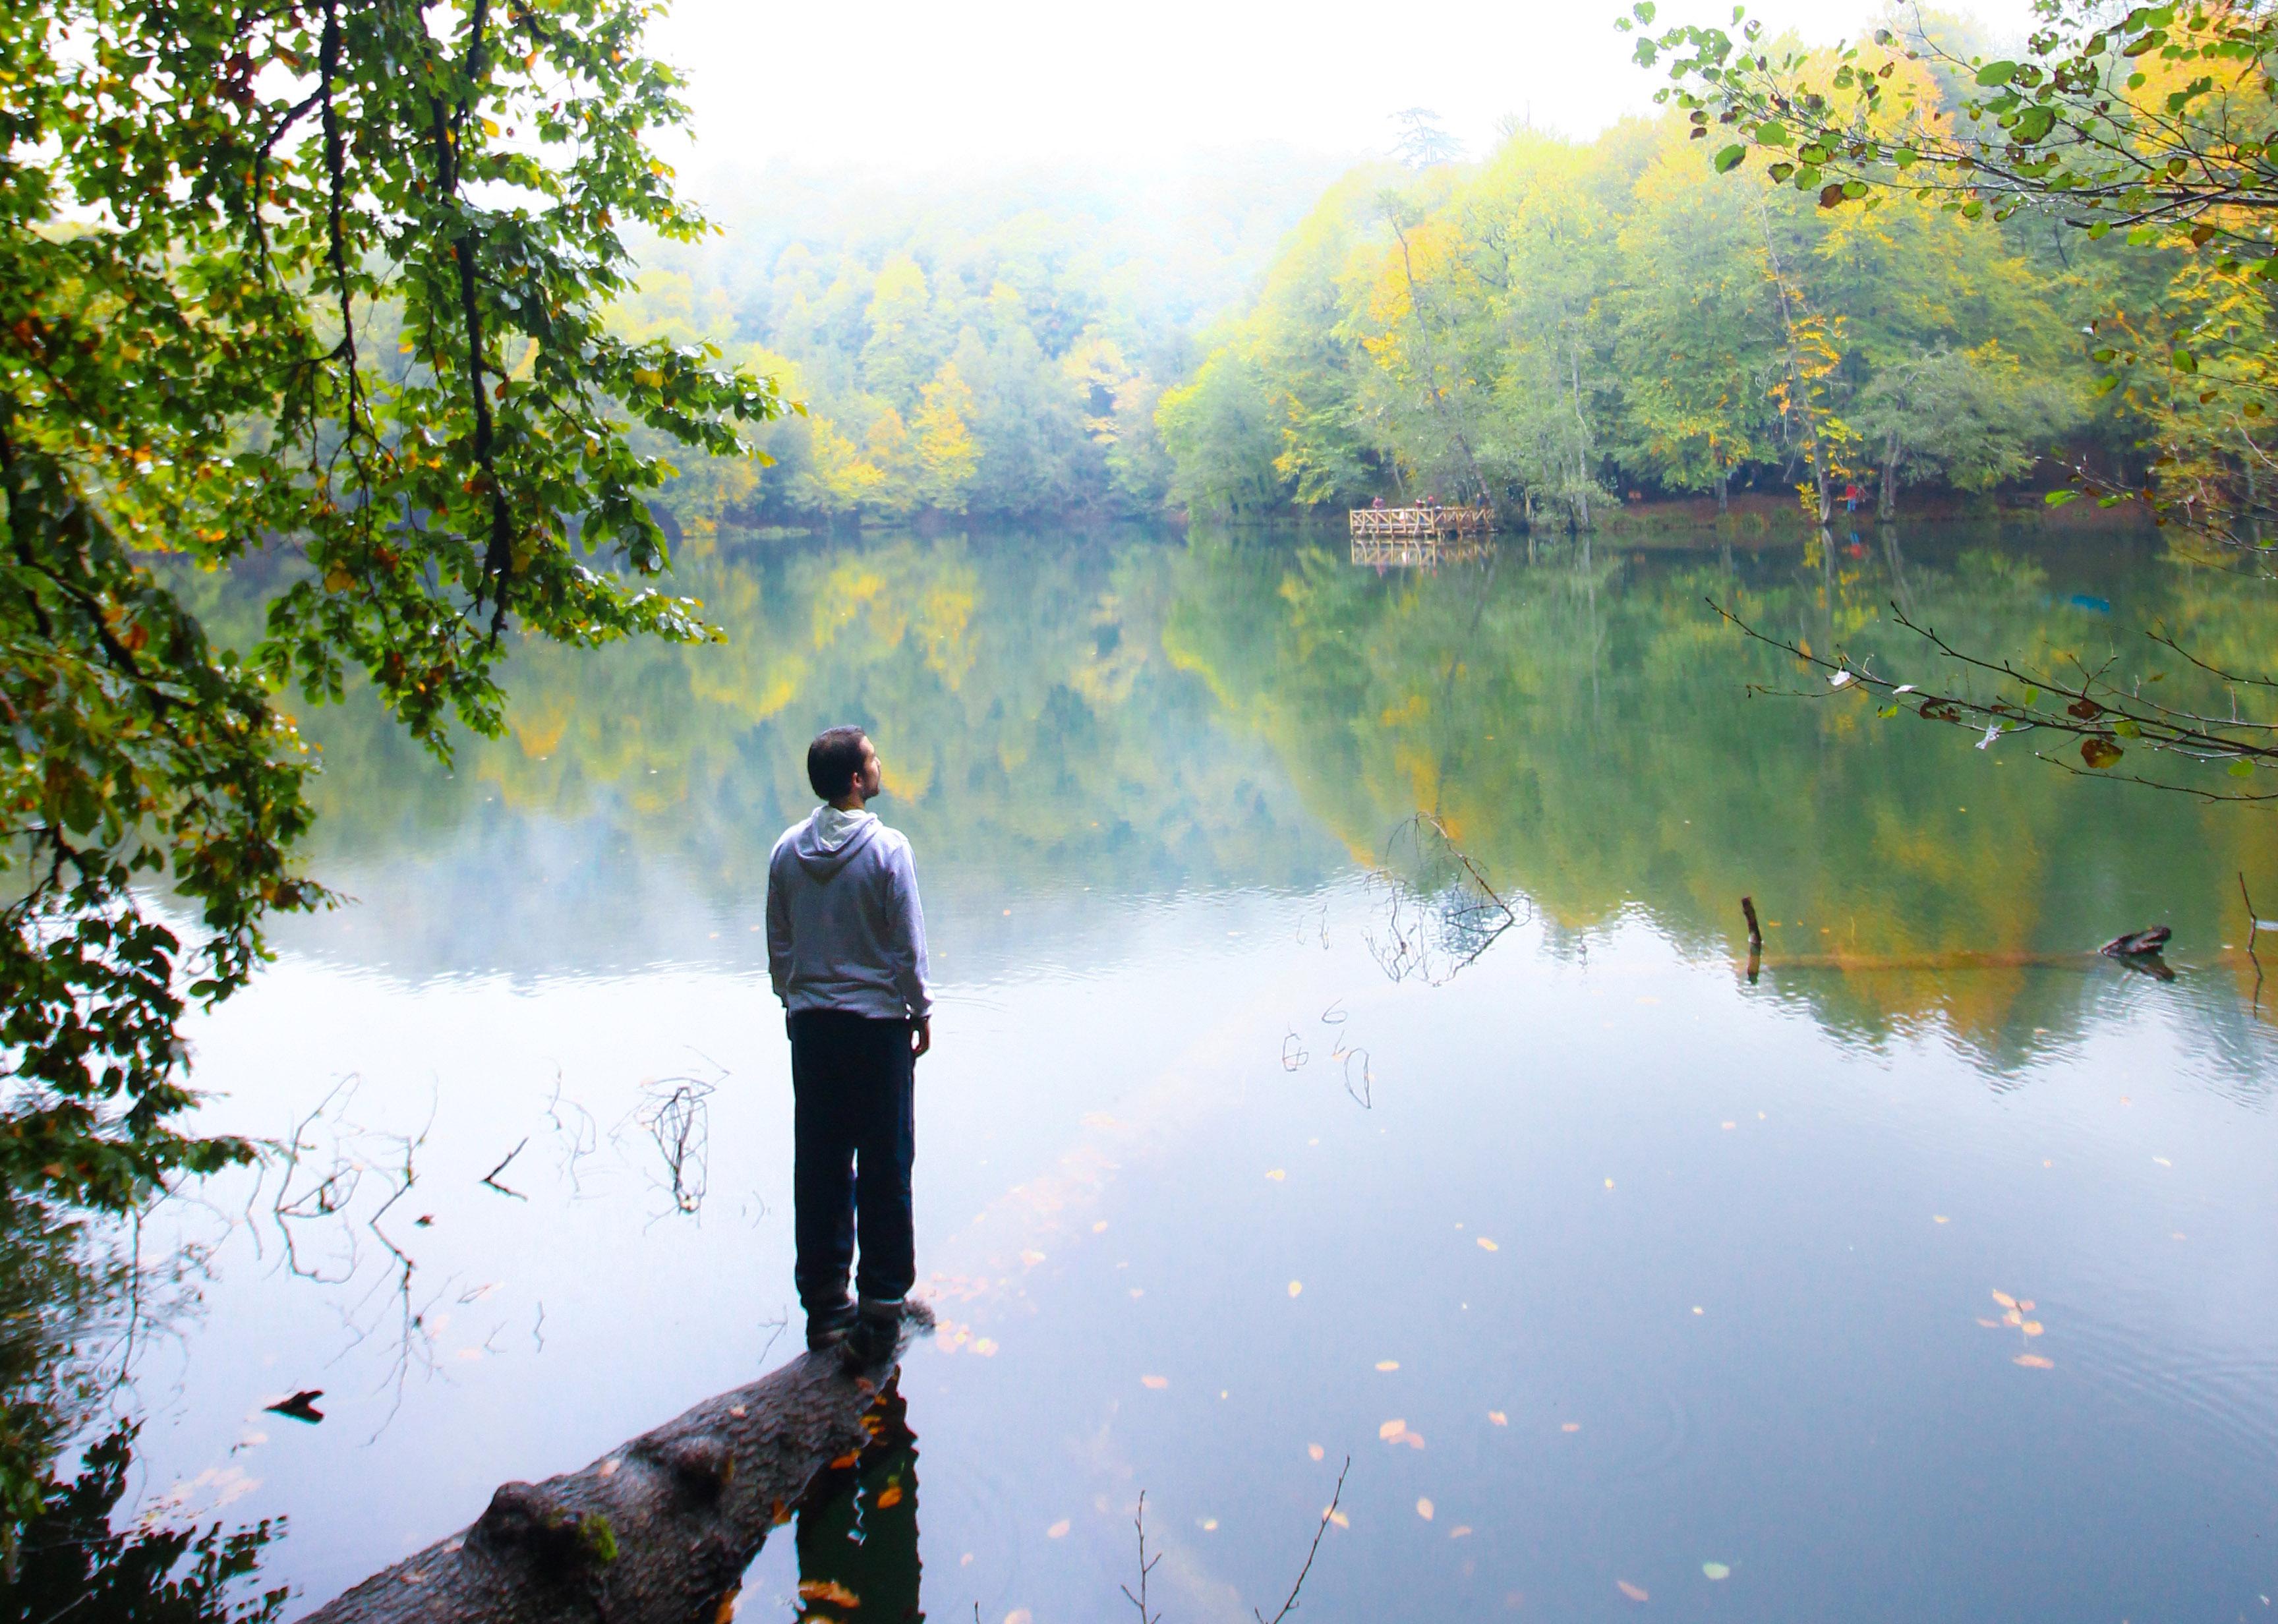 yedigöller, bolu, kamp, trekking, doğa, yürüyüş